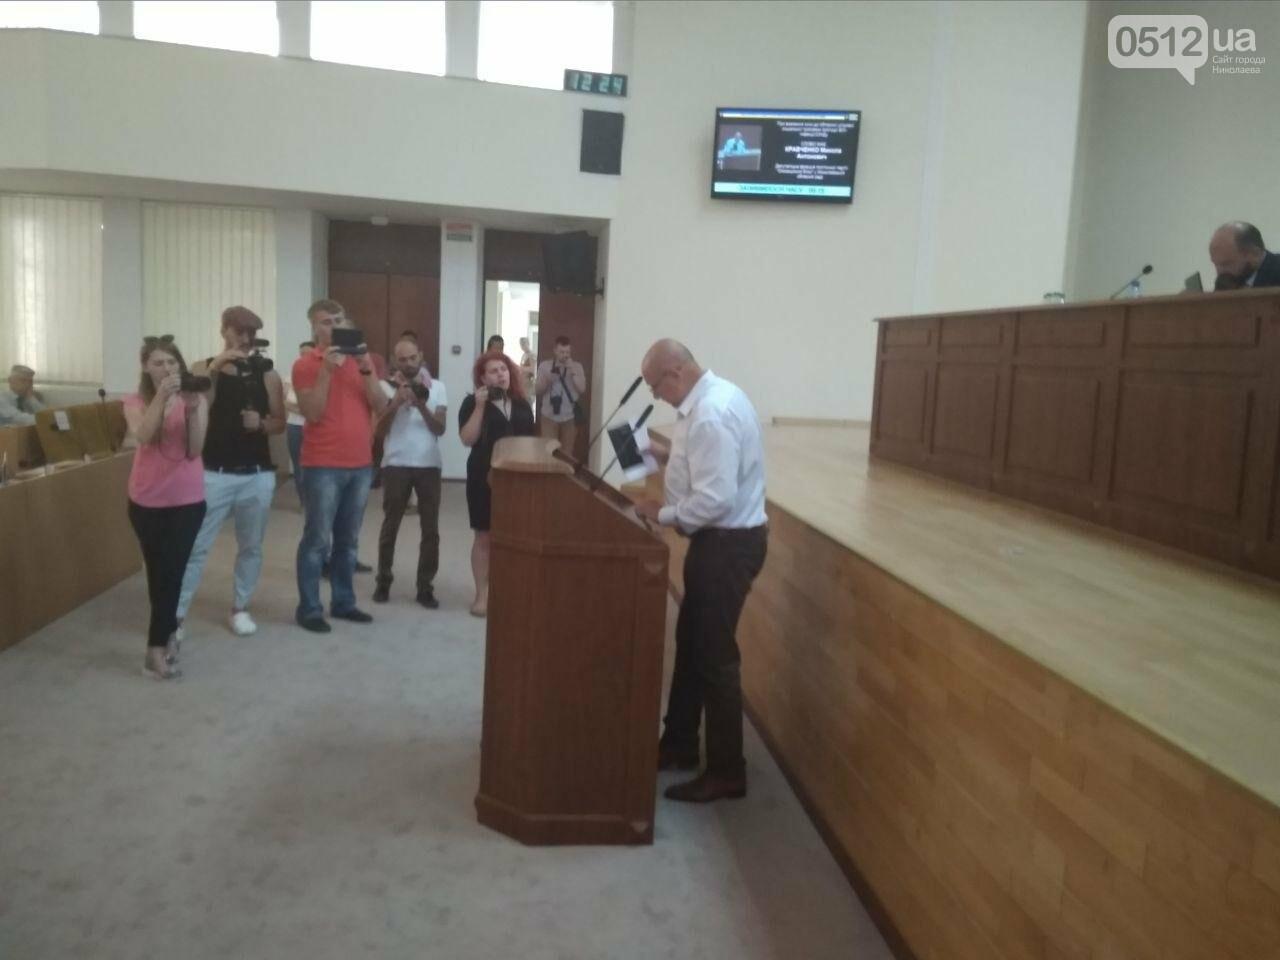 """""""Вы нарушаете закон"""": депутаты пытаются сорвать сессию облсовета, Москаленко объявила перерыв, - ФОТО, ВИДЕО, фото-1"""